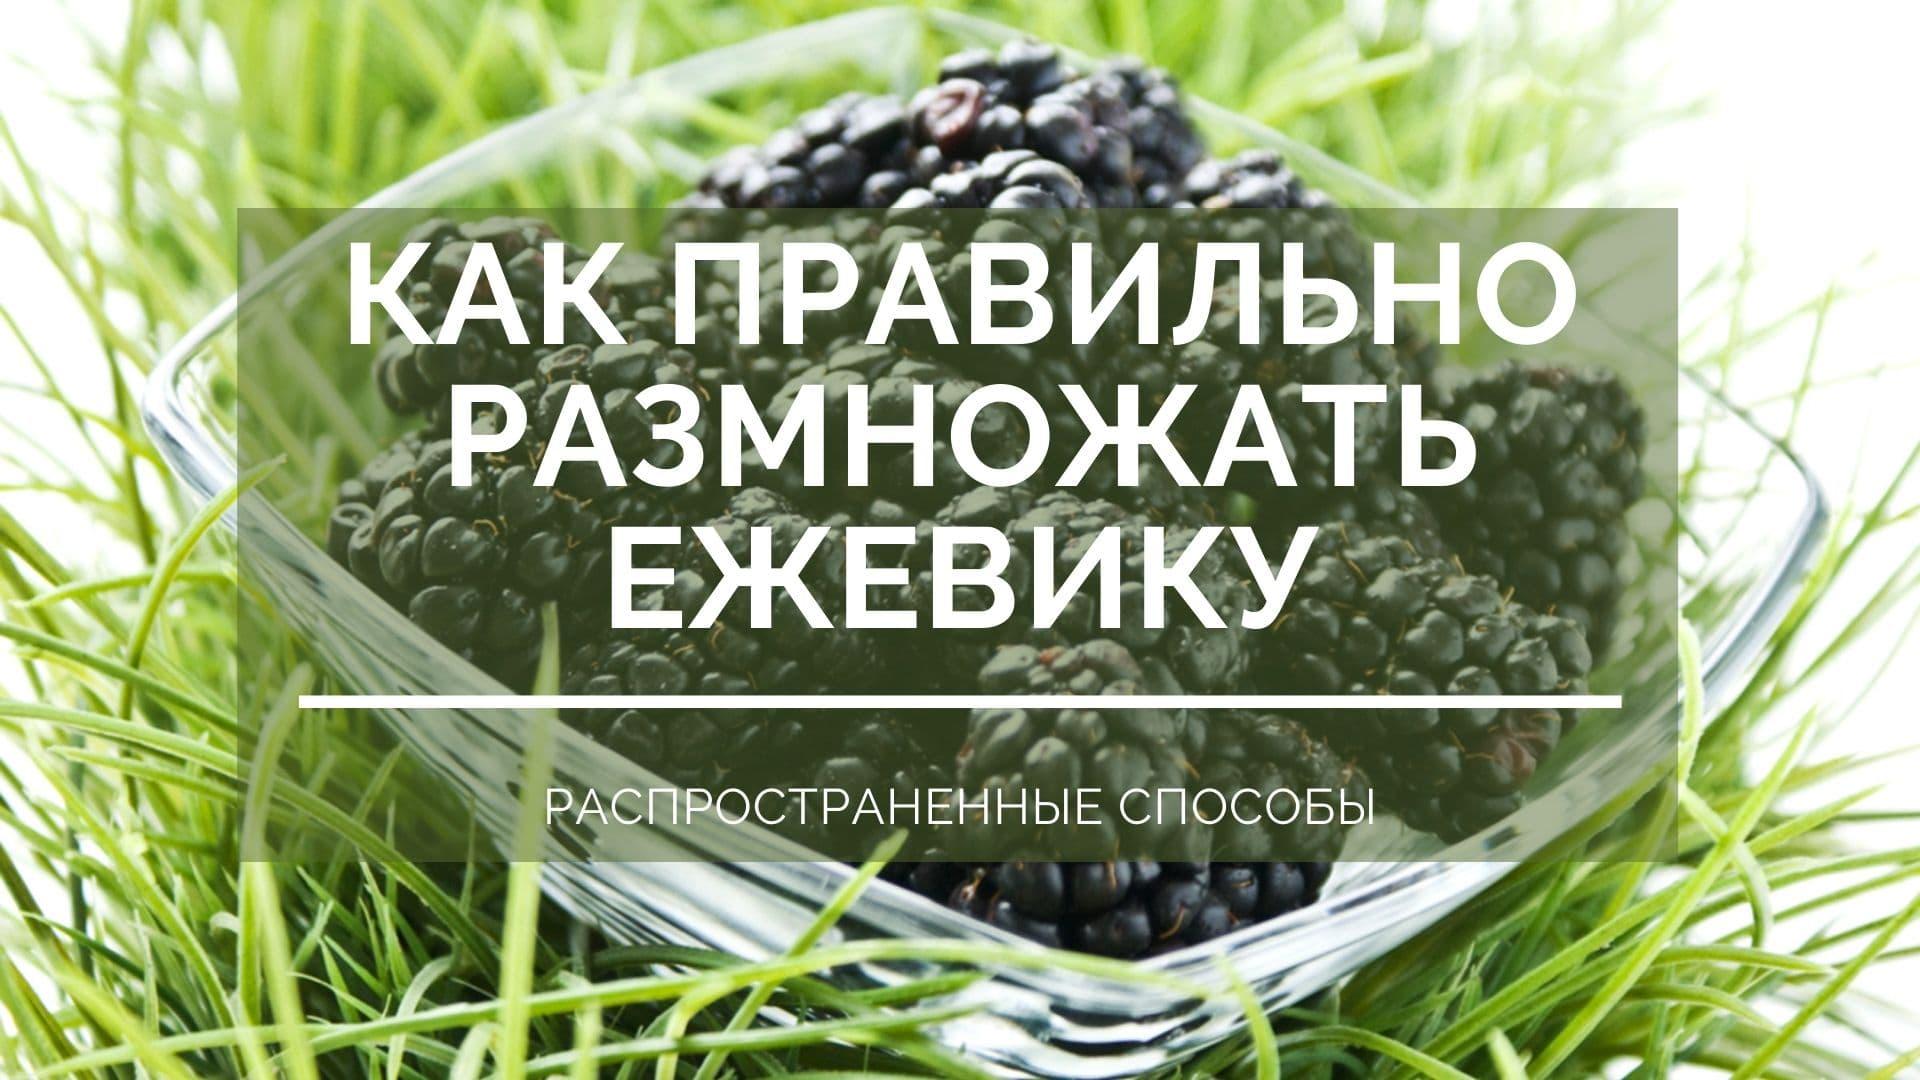 Как правильно размножать ежевику: распространенные способы